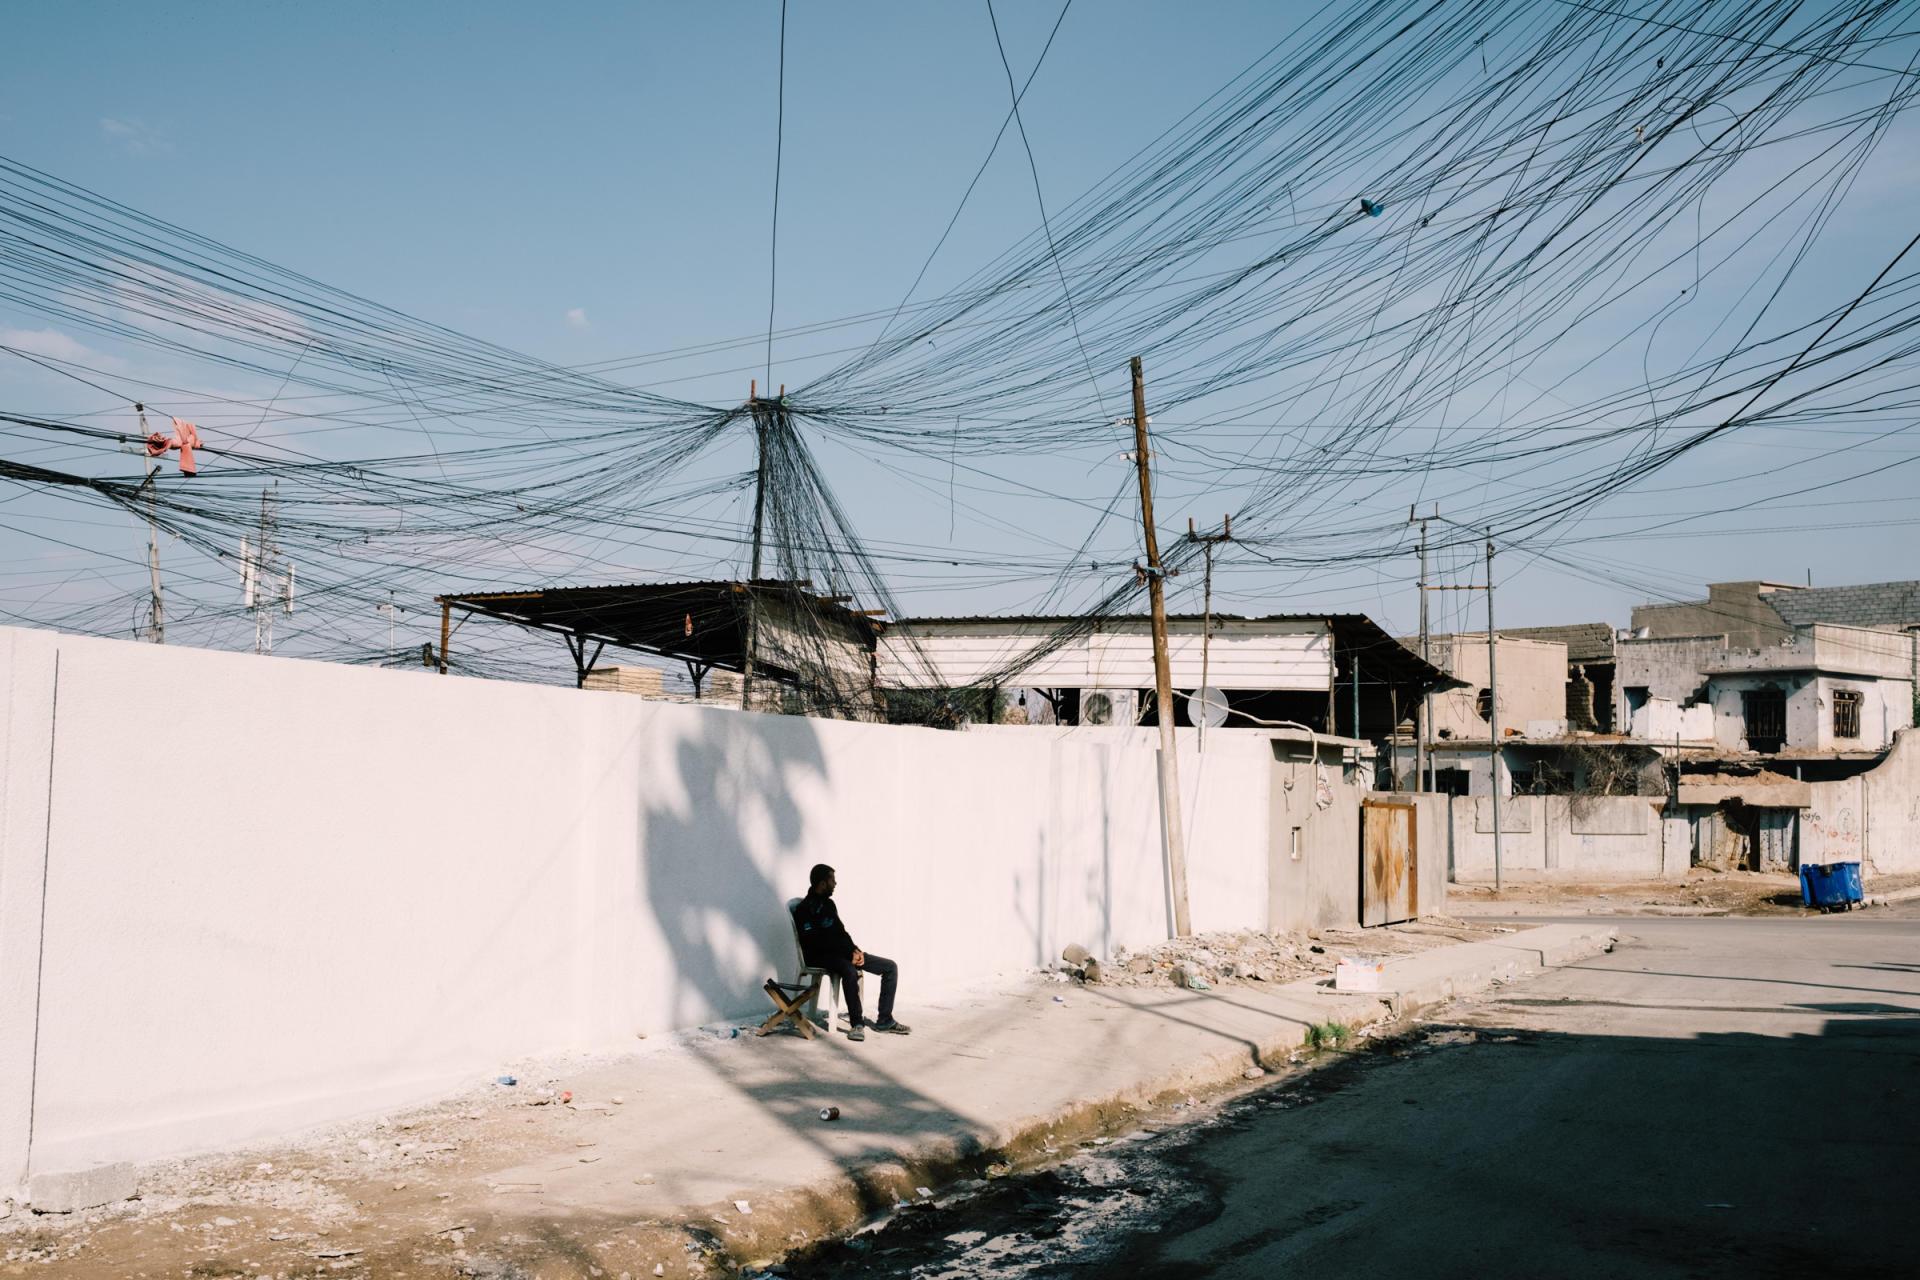 Un commerçant assis sous les câbles qui alimentent en électricité la vielle ville.ALEXANDRA ROSE HOWLAND POUR LE MONDE